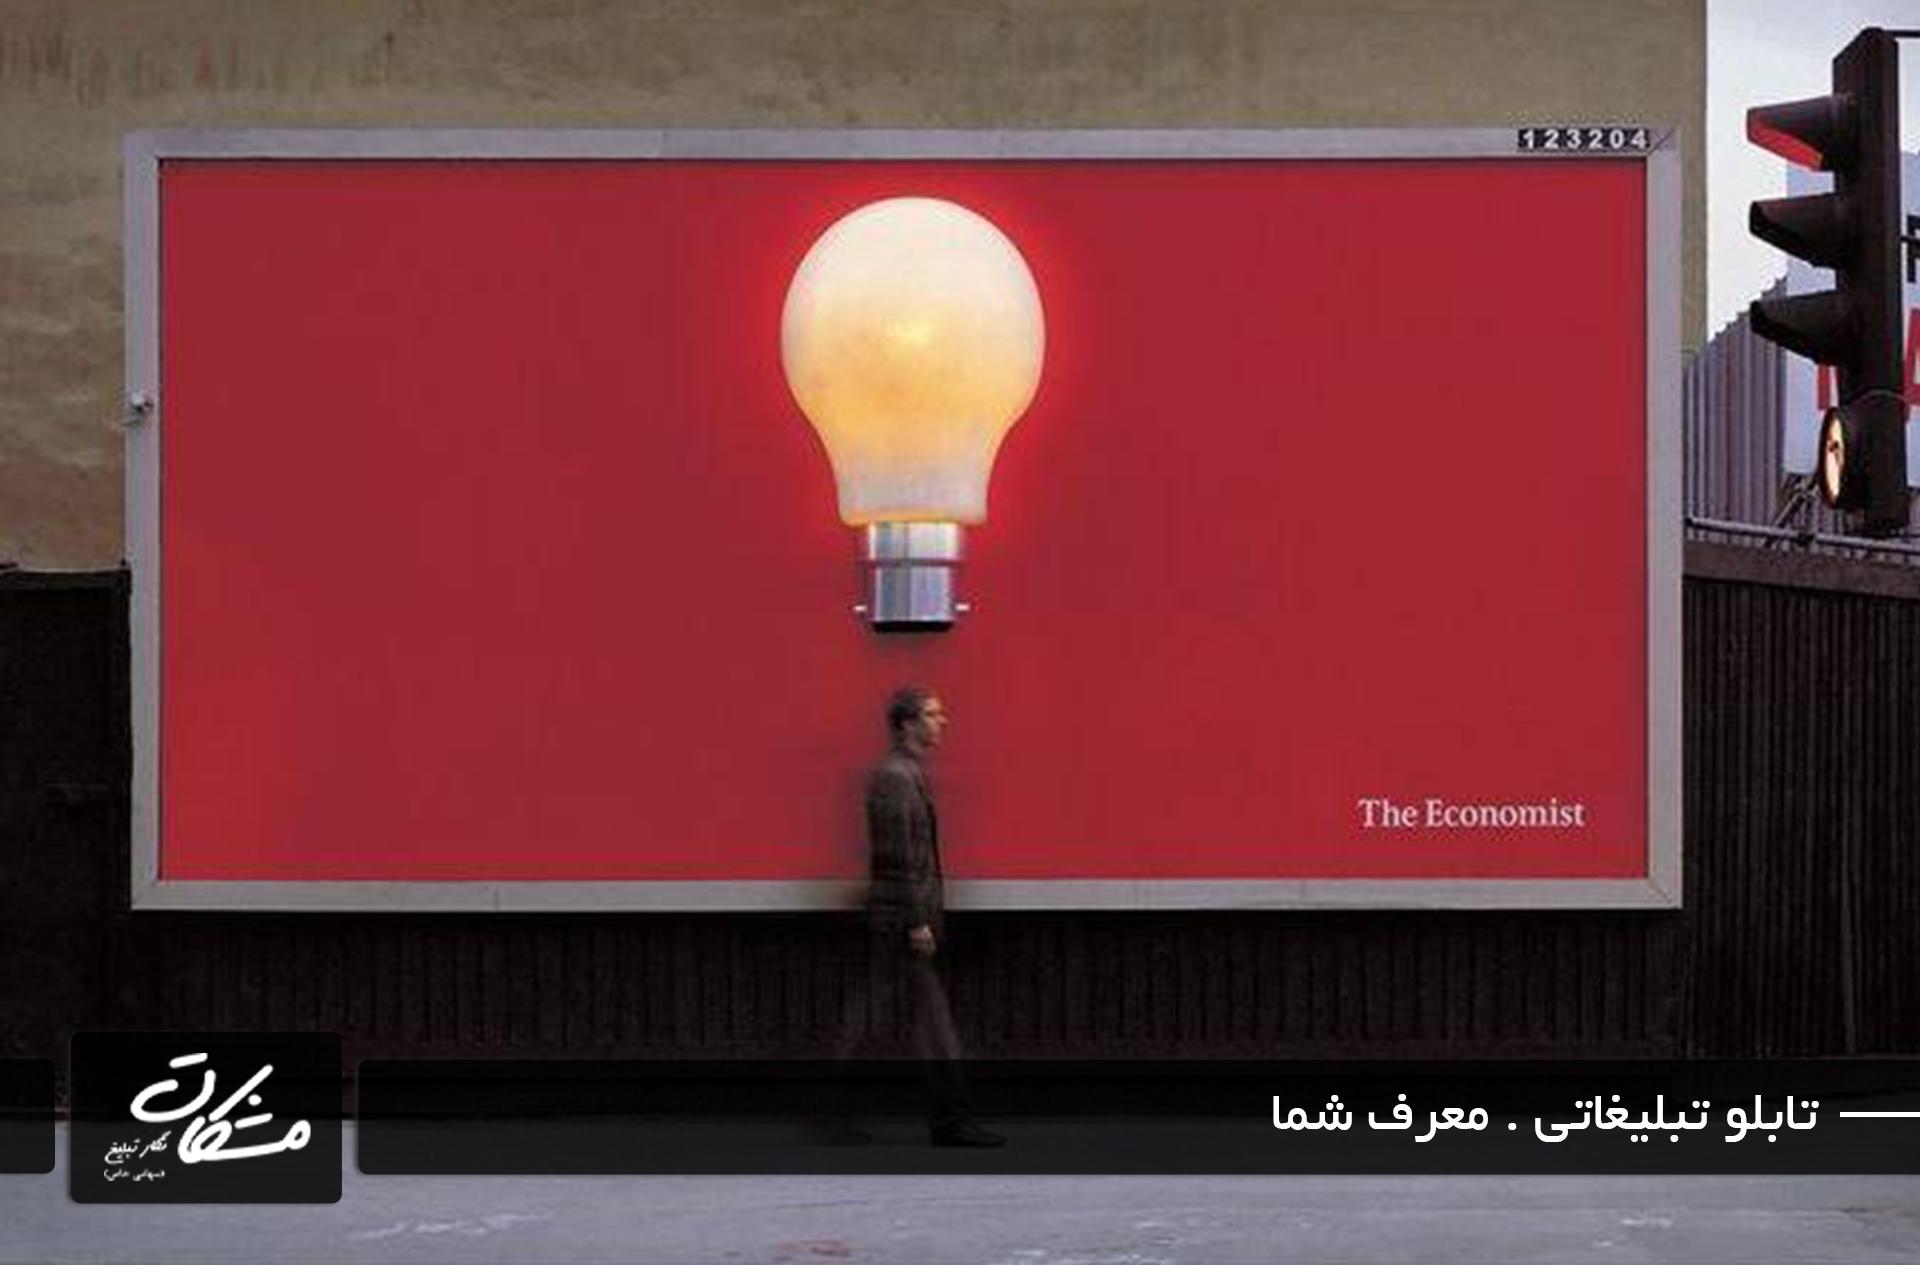 تابلو تبلیغاتی؛ معرف شما